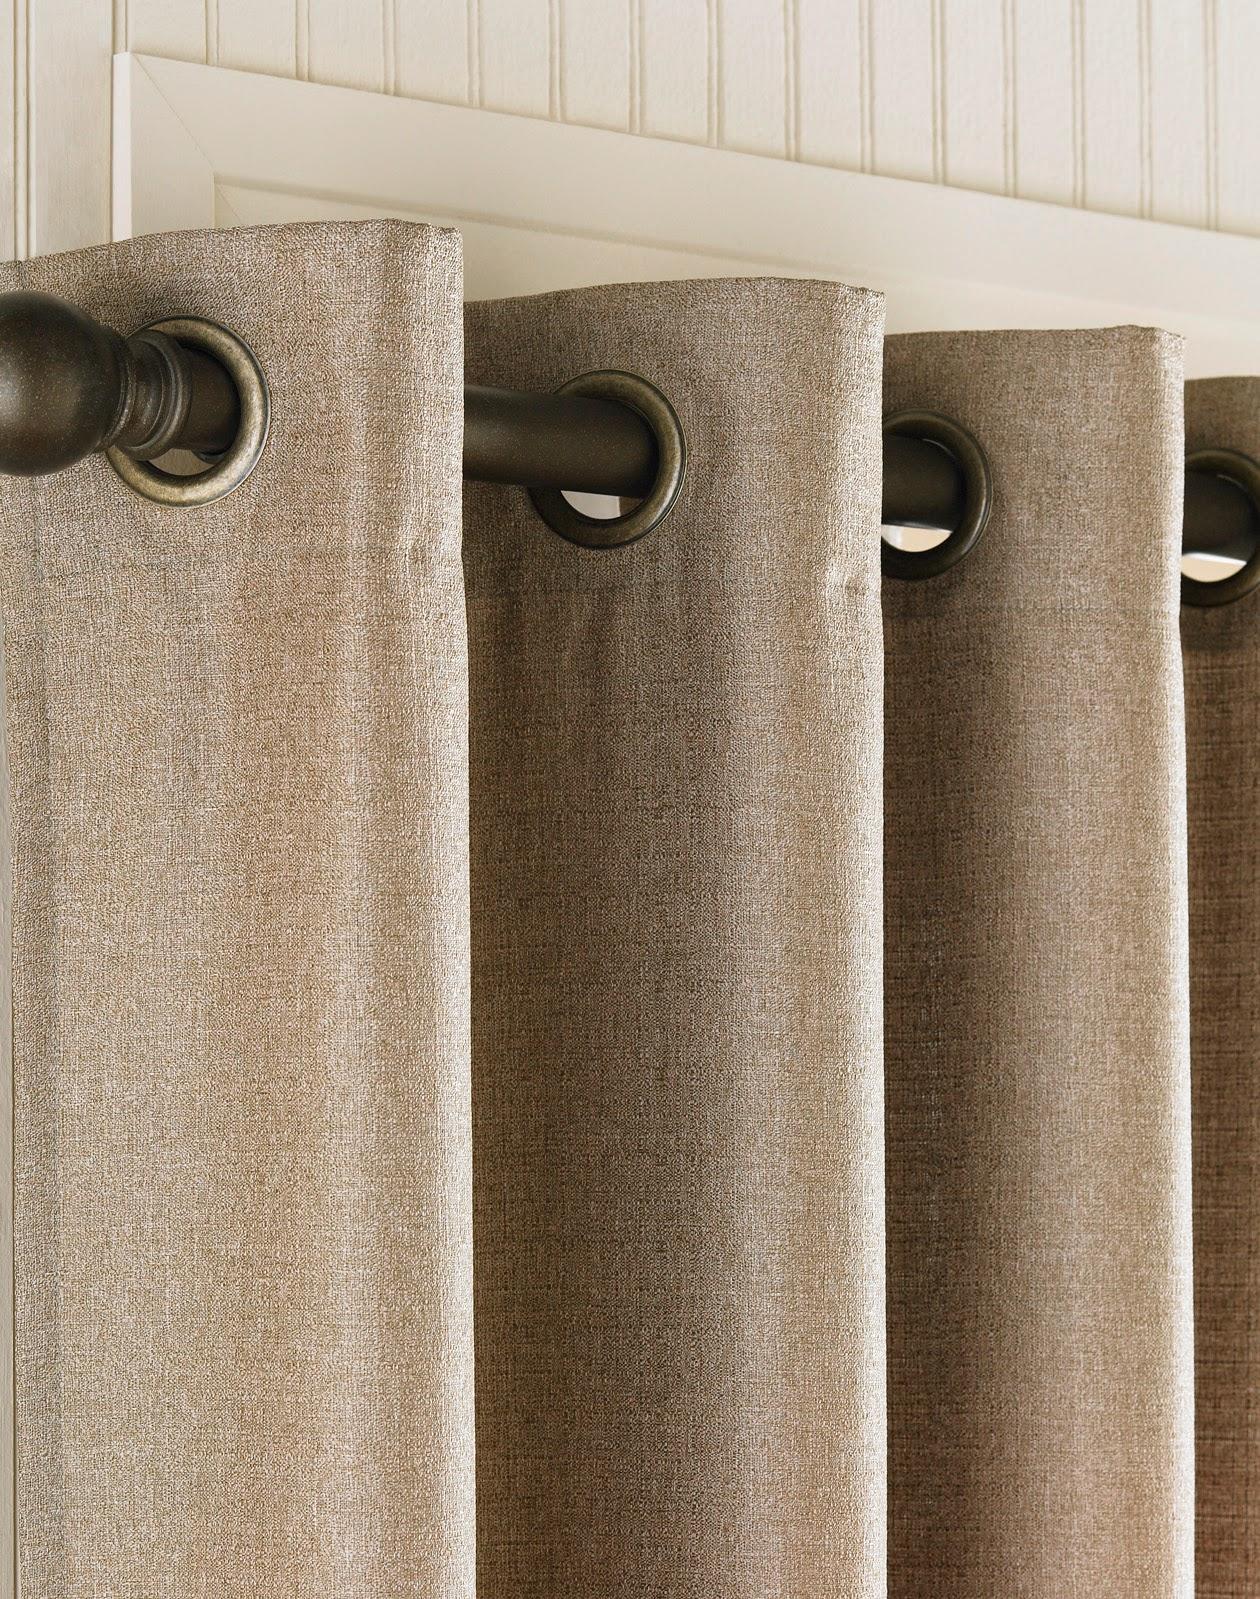 Fiorito Interior Design Ten Basic Drapery Pleats